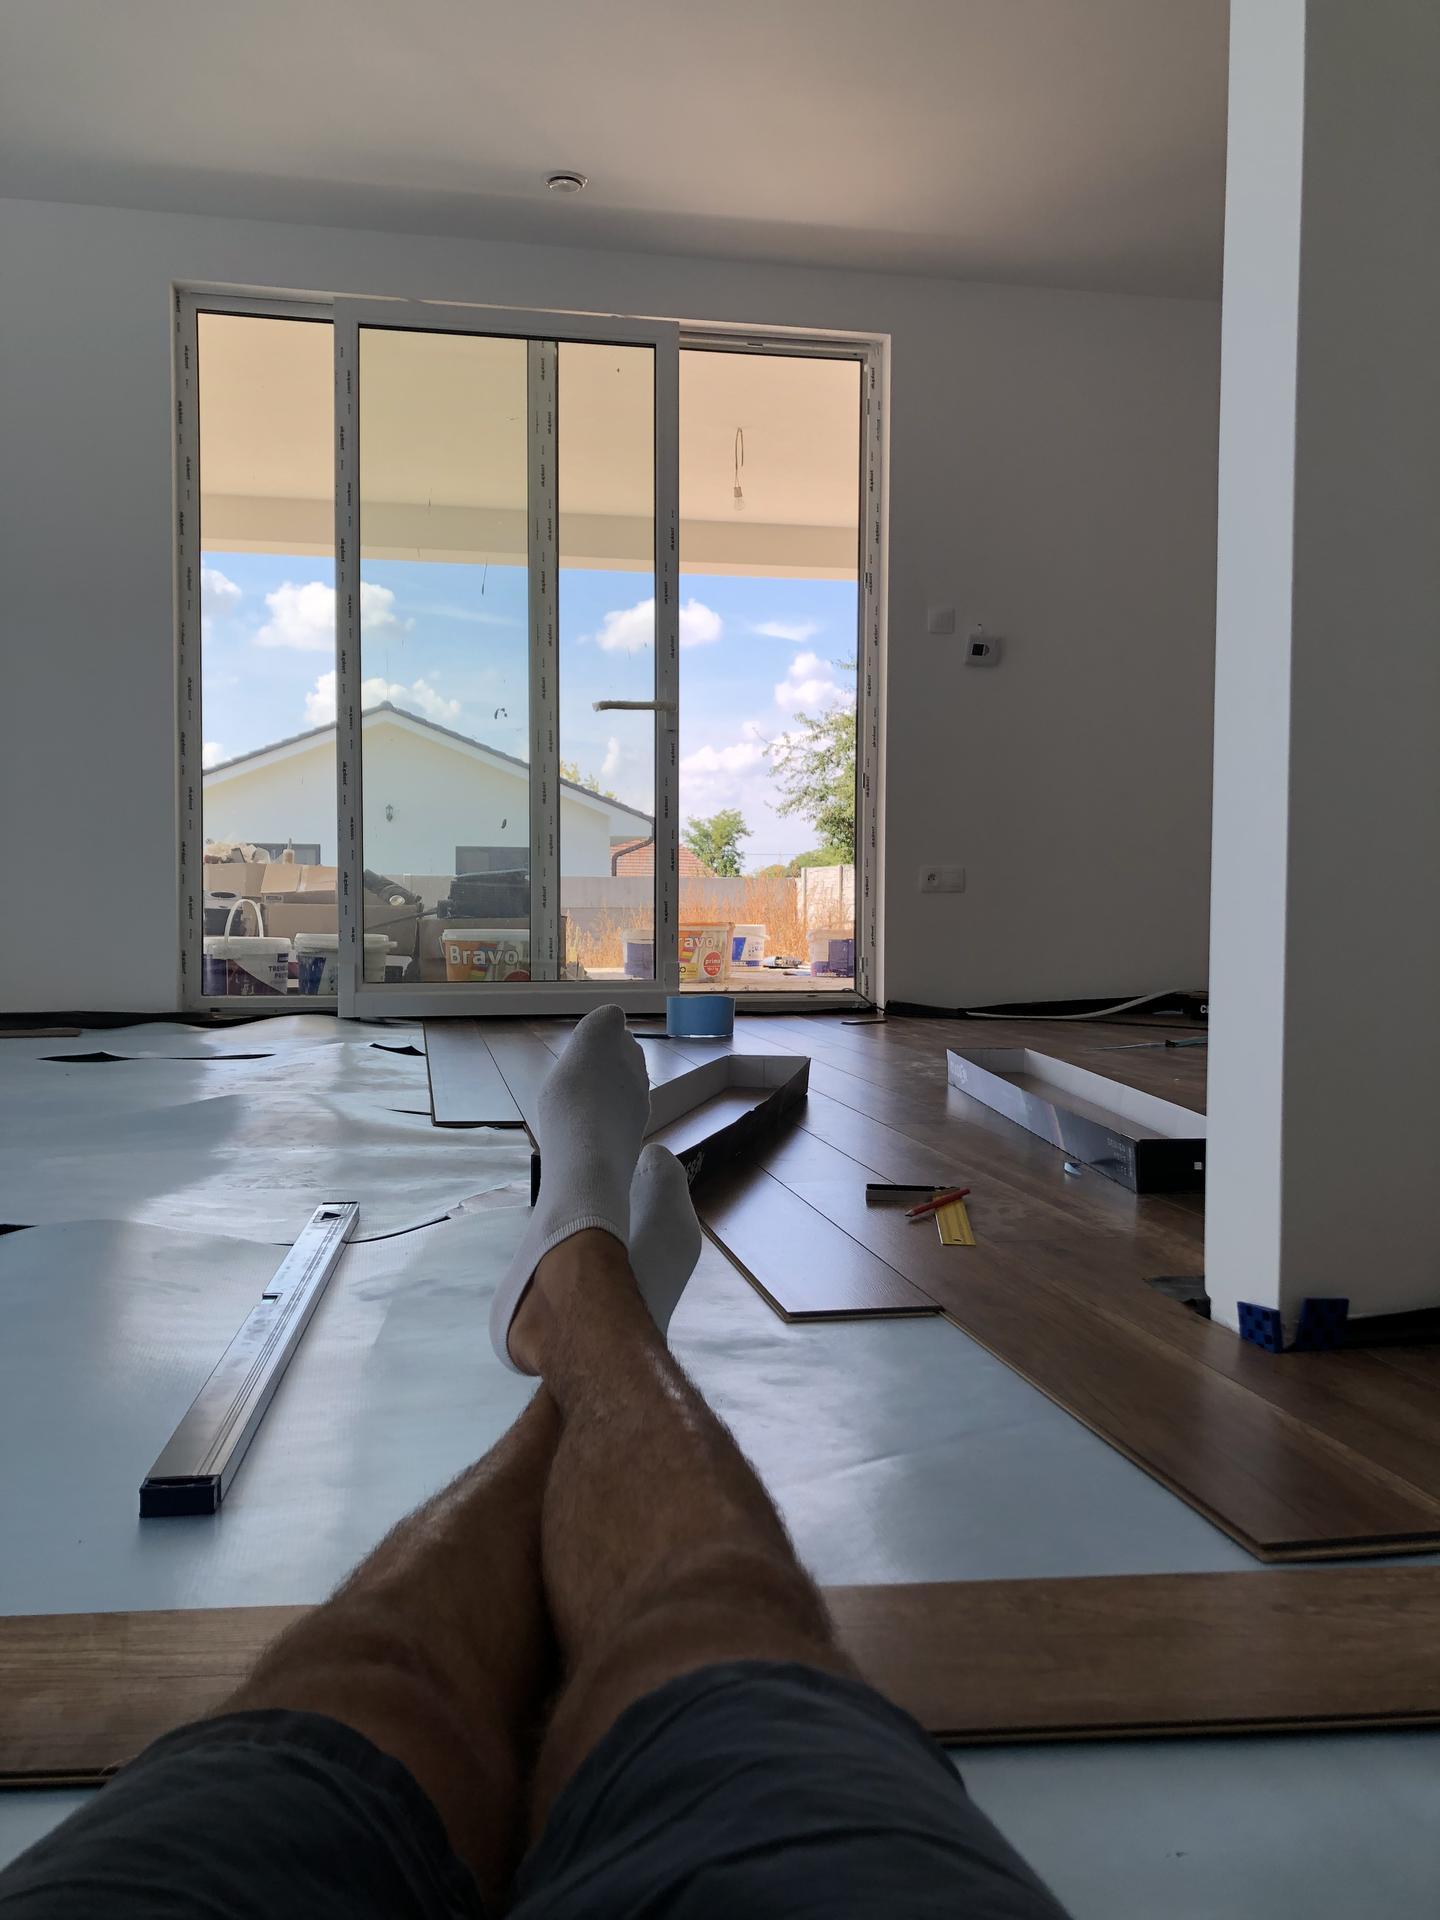 Naše prvé vlastné bývanie - Manželka maká v lekárni, ja po 2 víkendových svadbách makám na dome :)